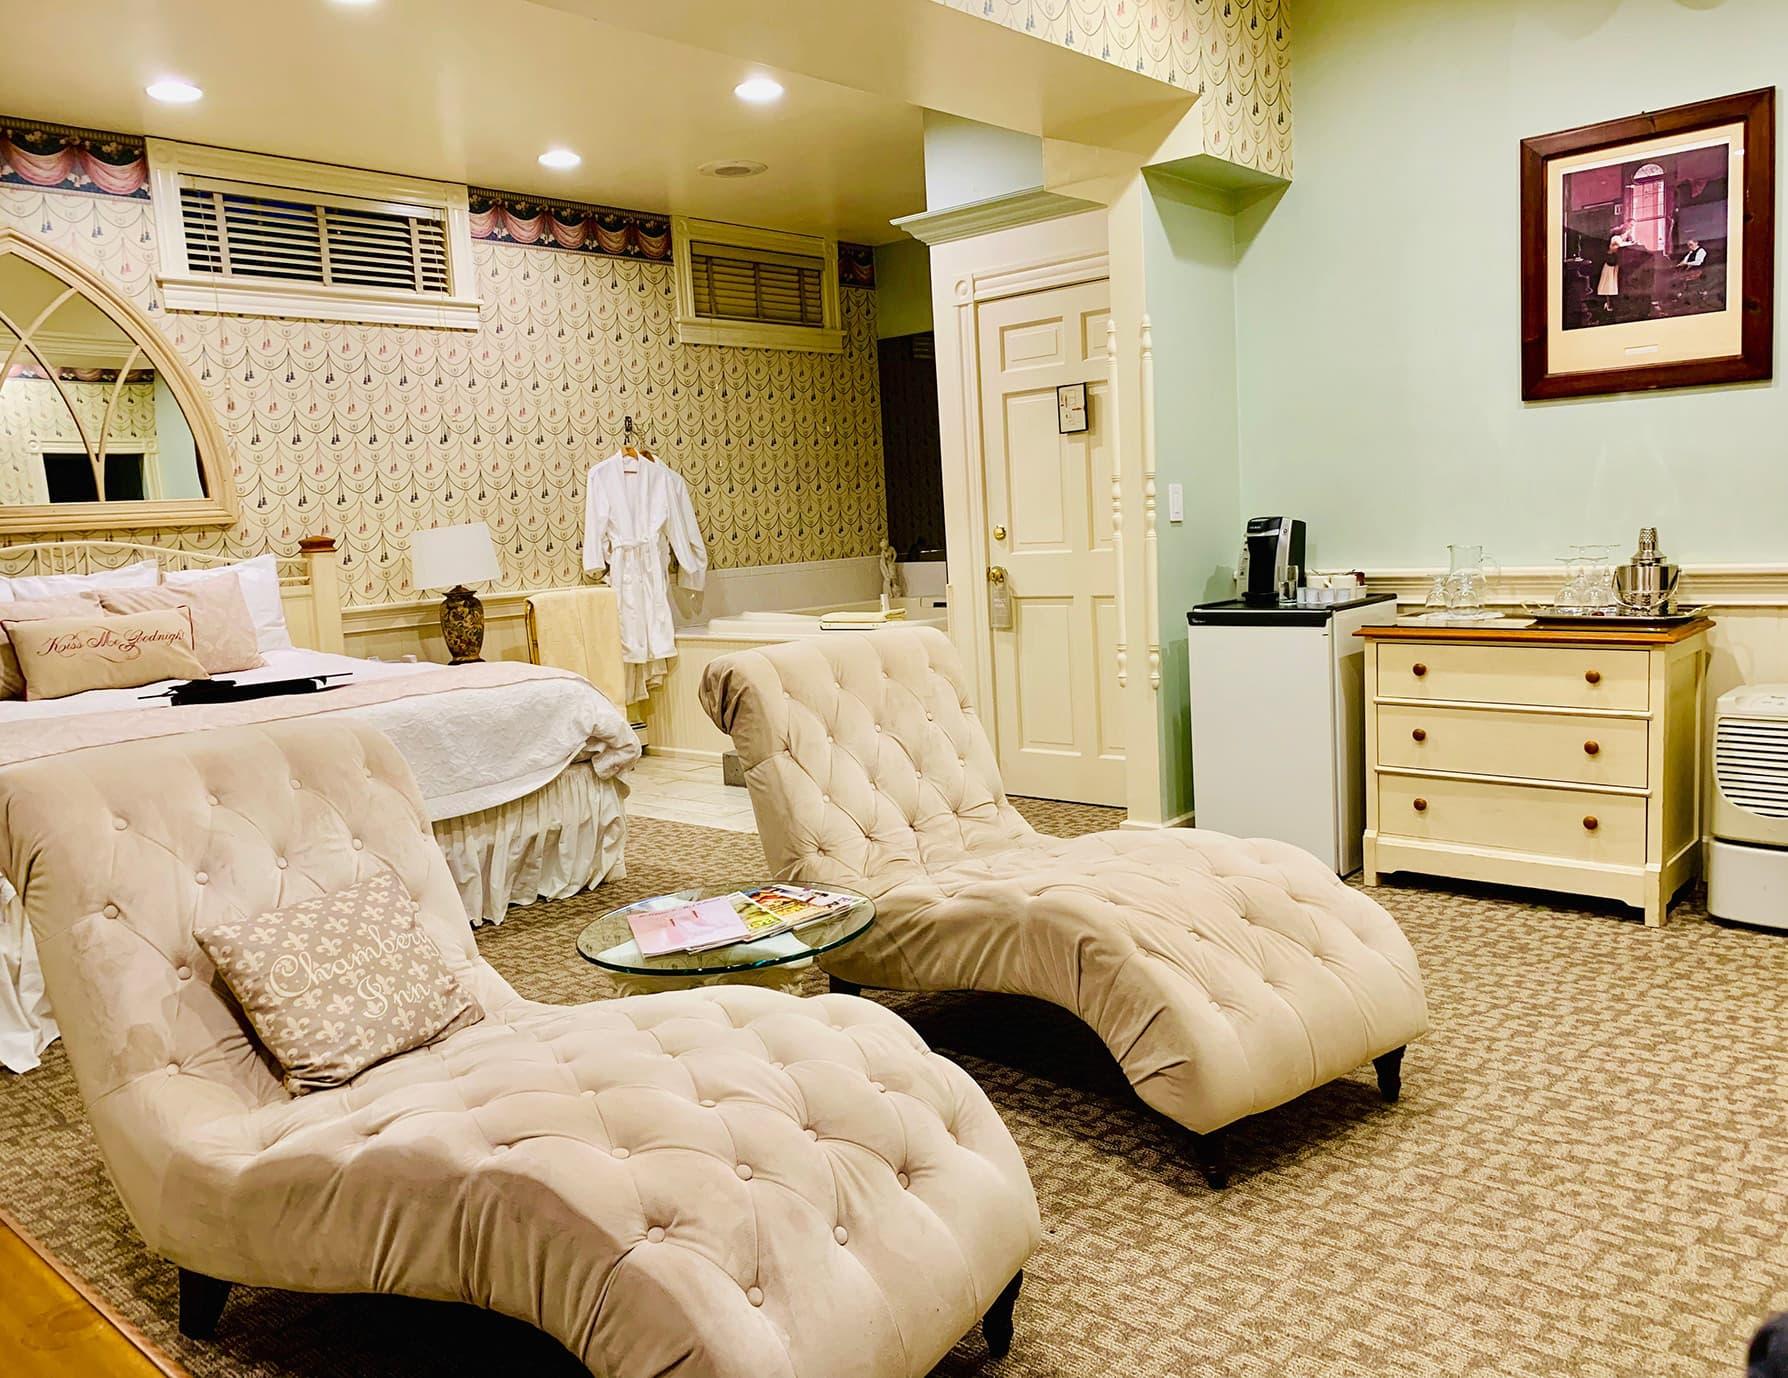 La Savoie Deluxe room sitting area - Hotel Suite in Lee, Massachusetts